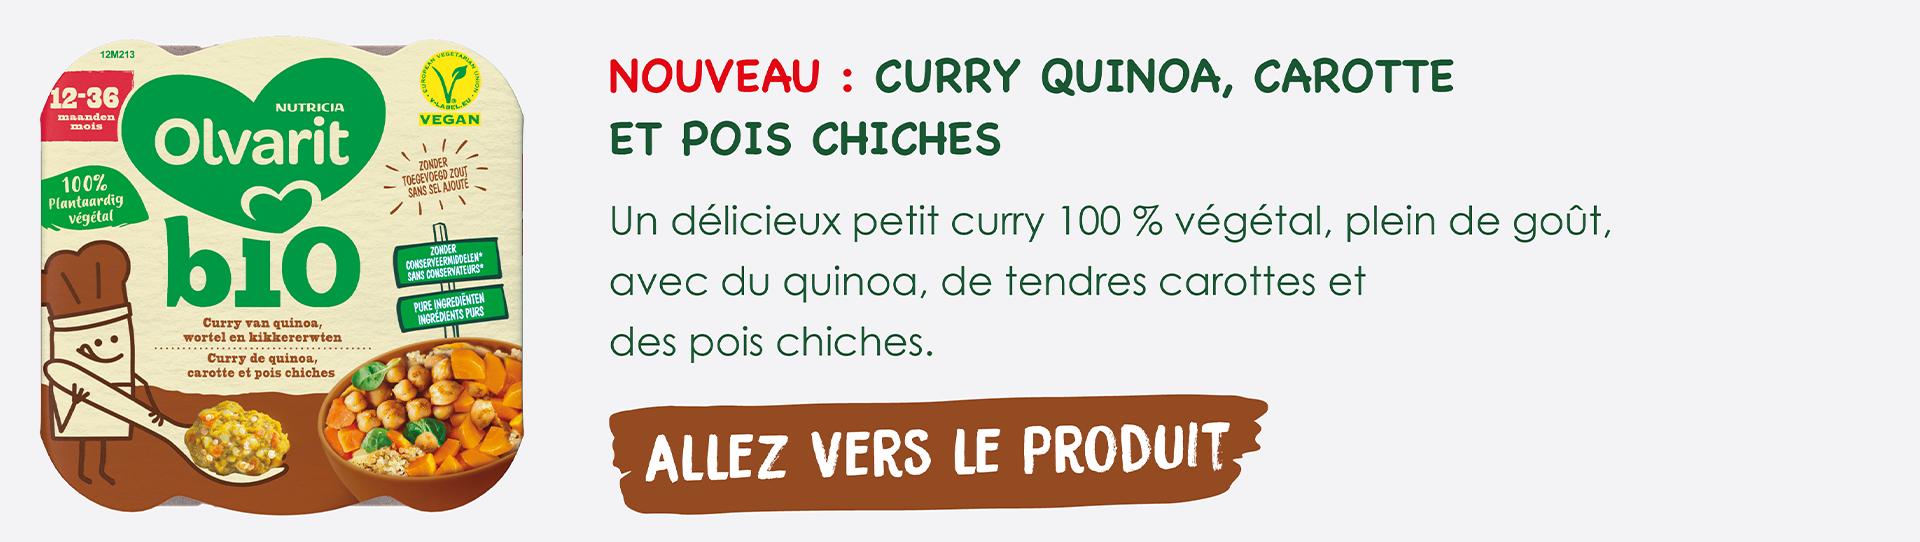 nouveau quinoa